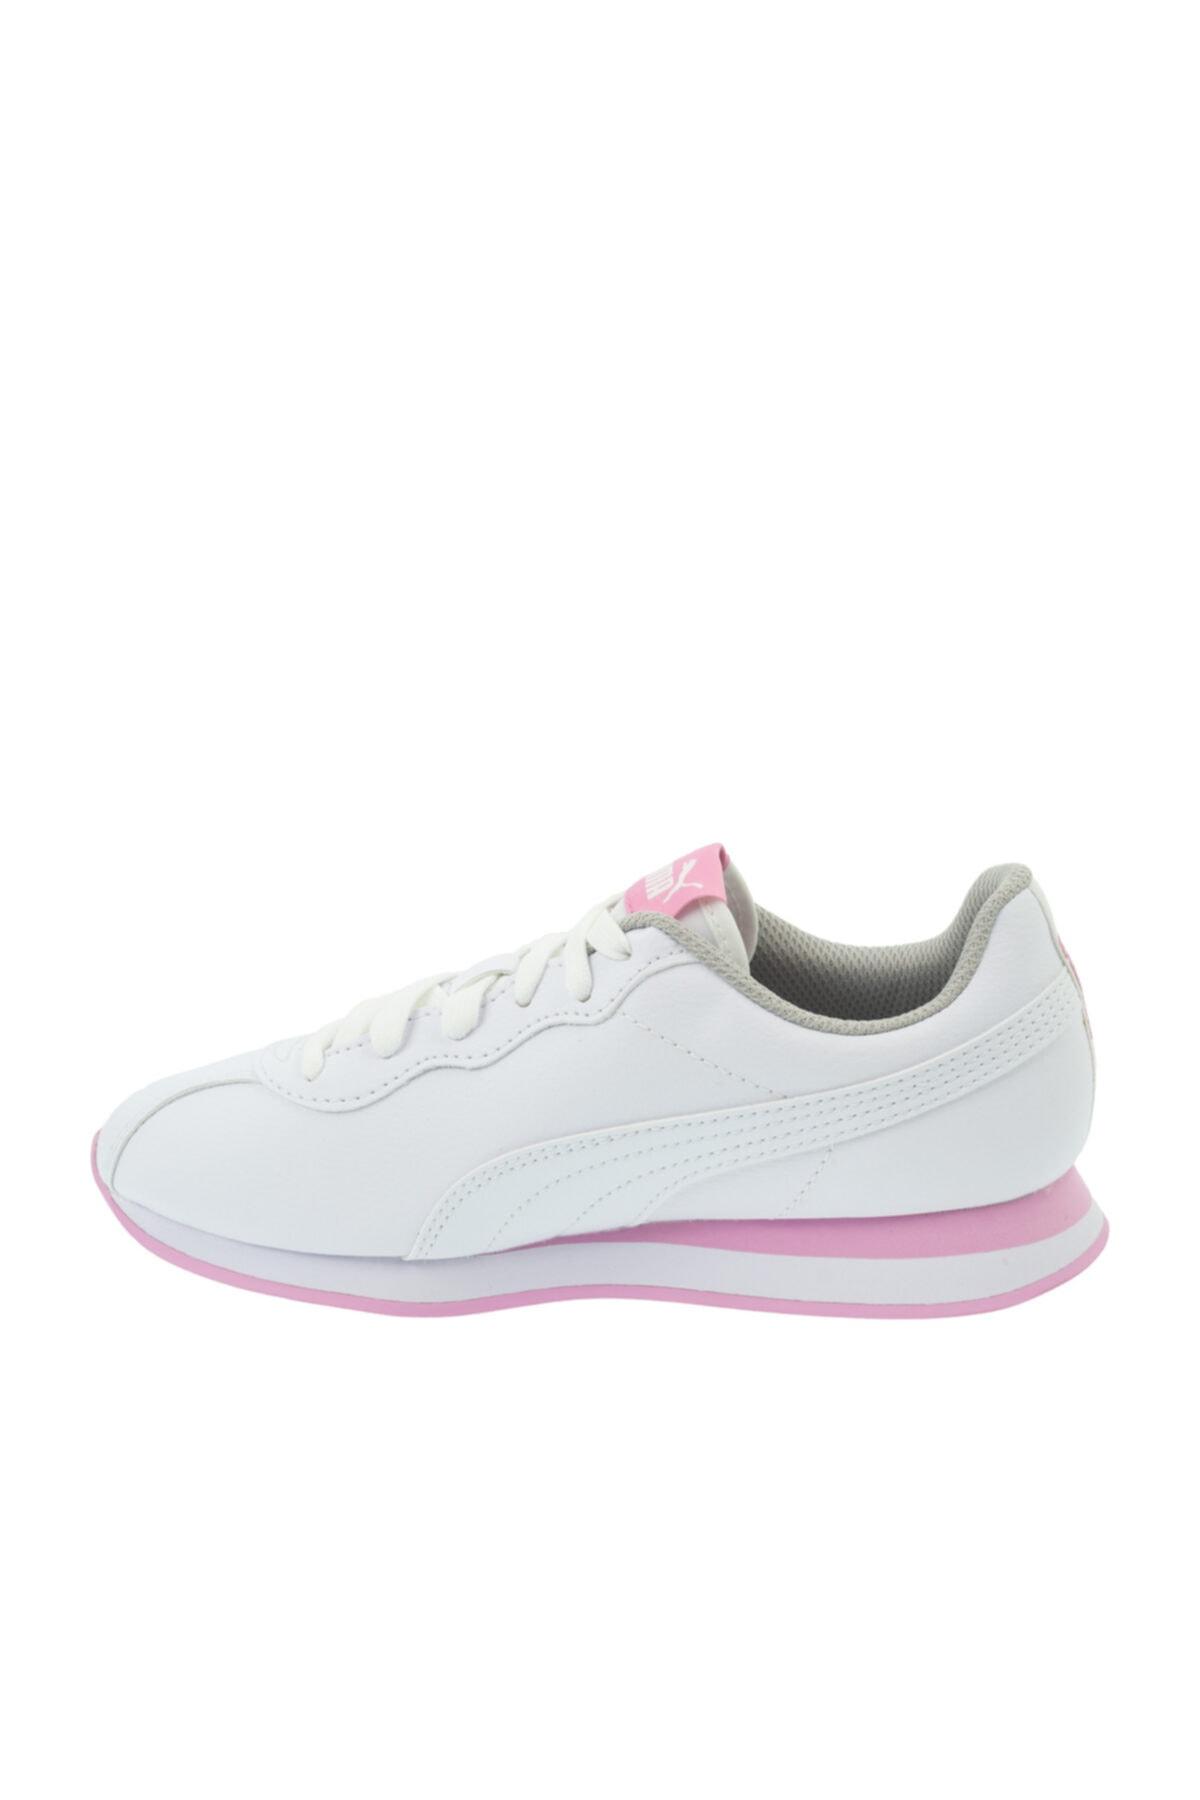 Puma Turin Iı Kadın Beyaz Spor Ayakkabı (366773-21) 2